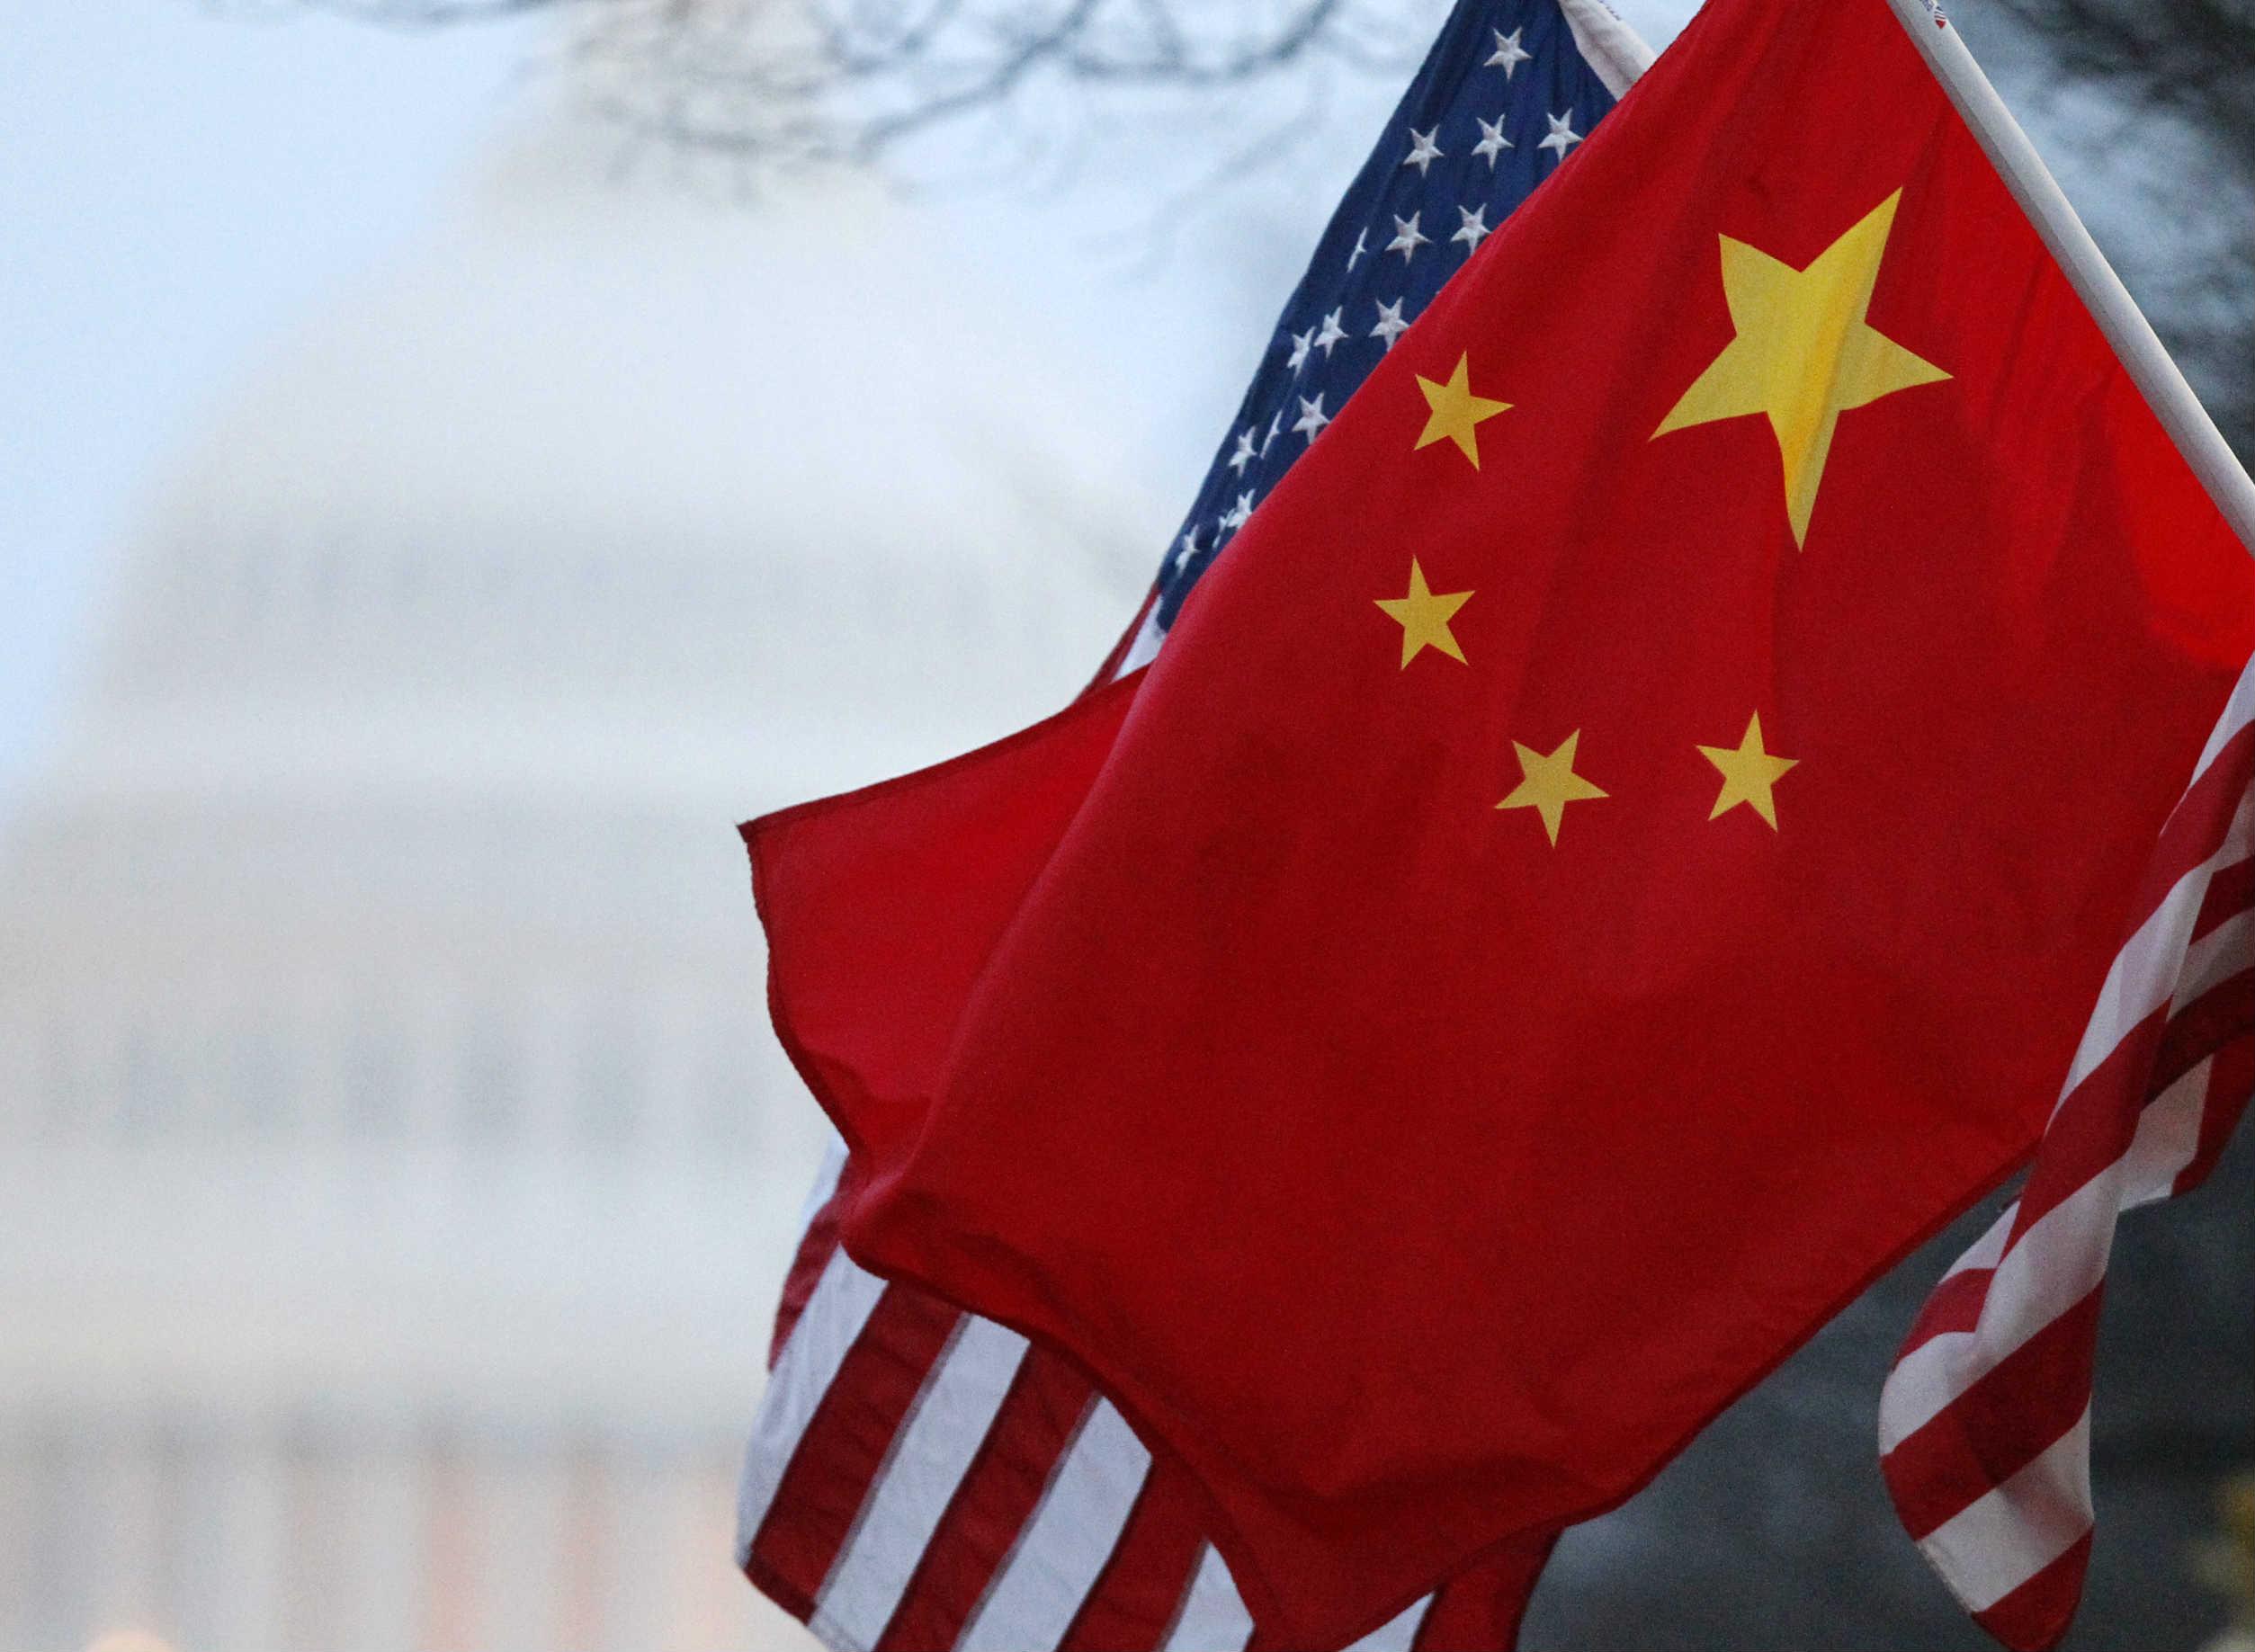 英国金融时报社评:中国避免汇率战值得赞赏